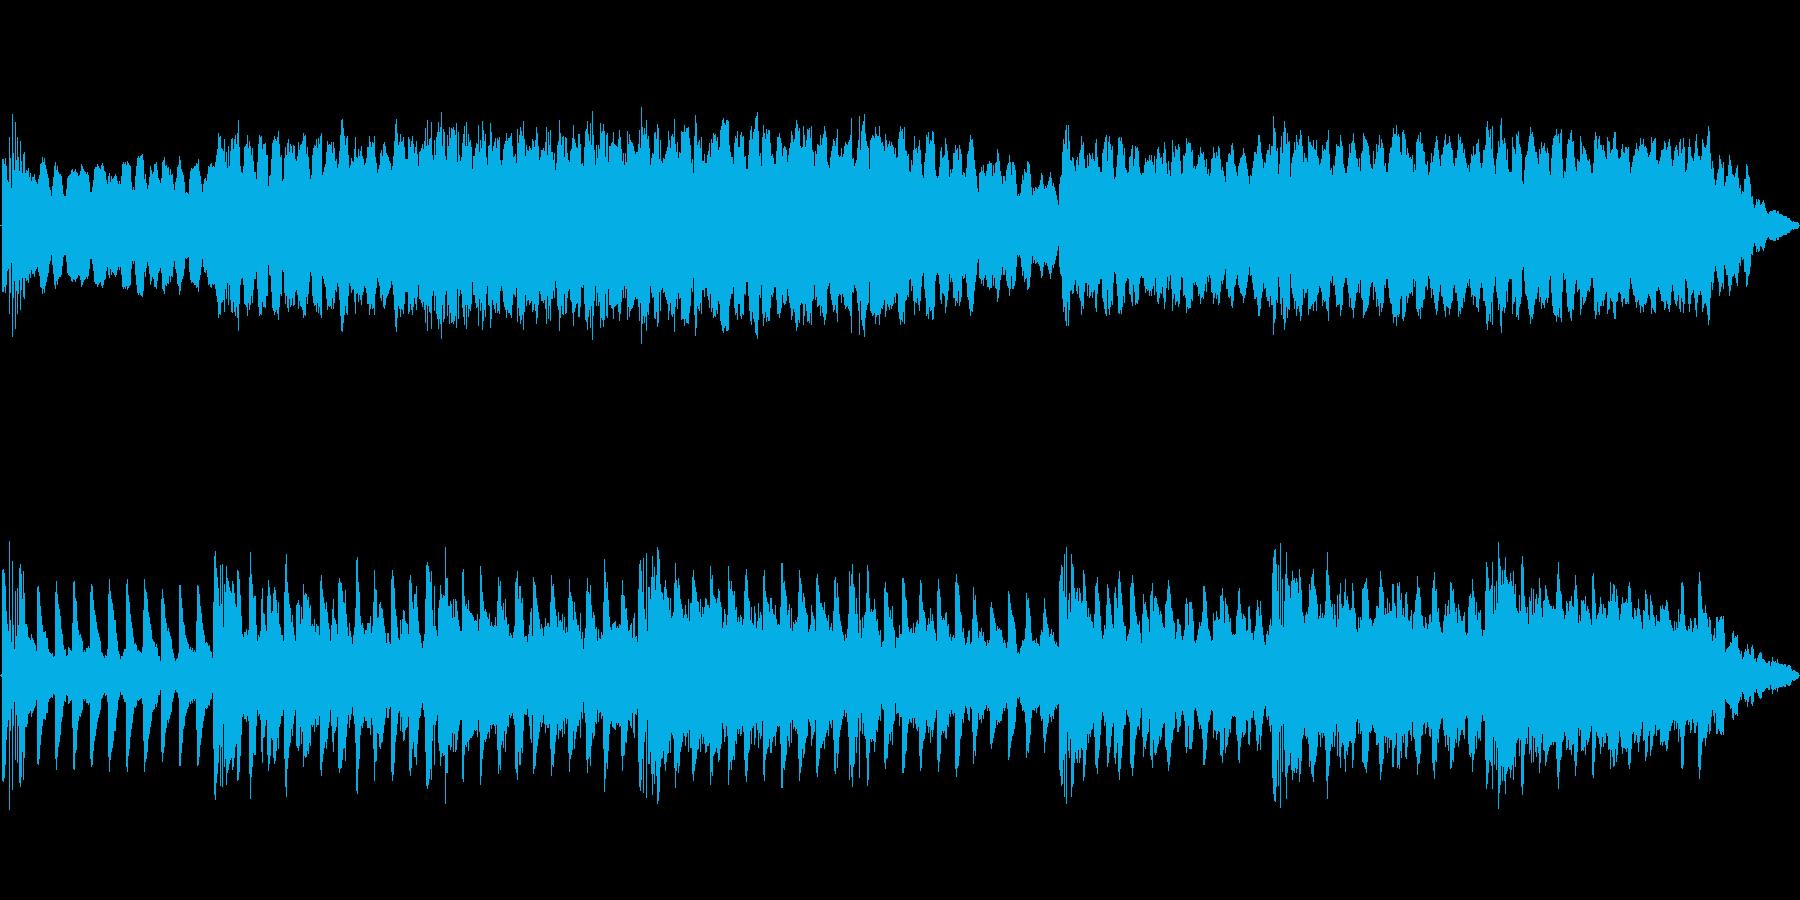 マリンバがポリリズム的に鳴りますの再生済みの波形